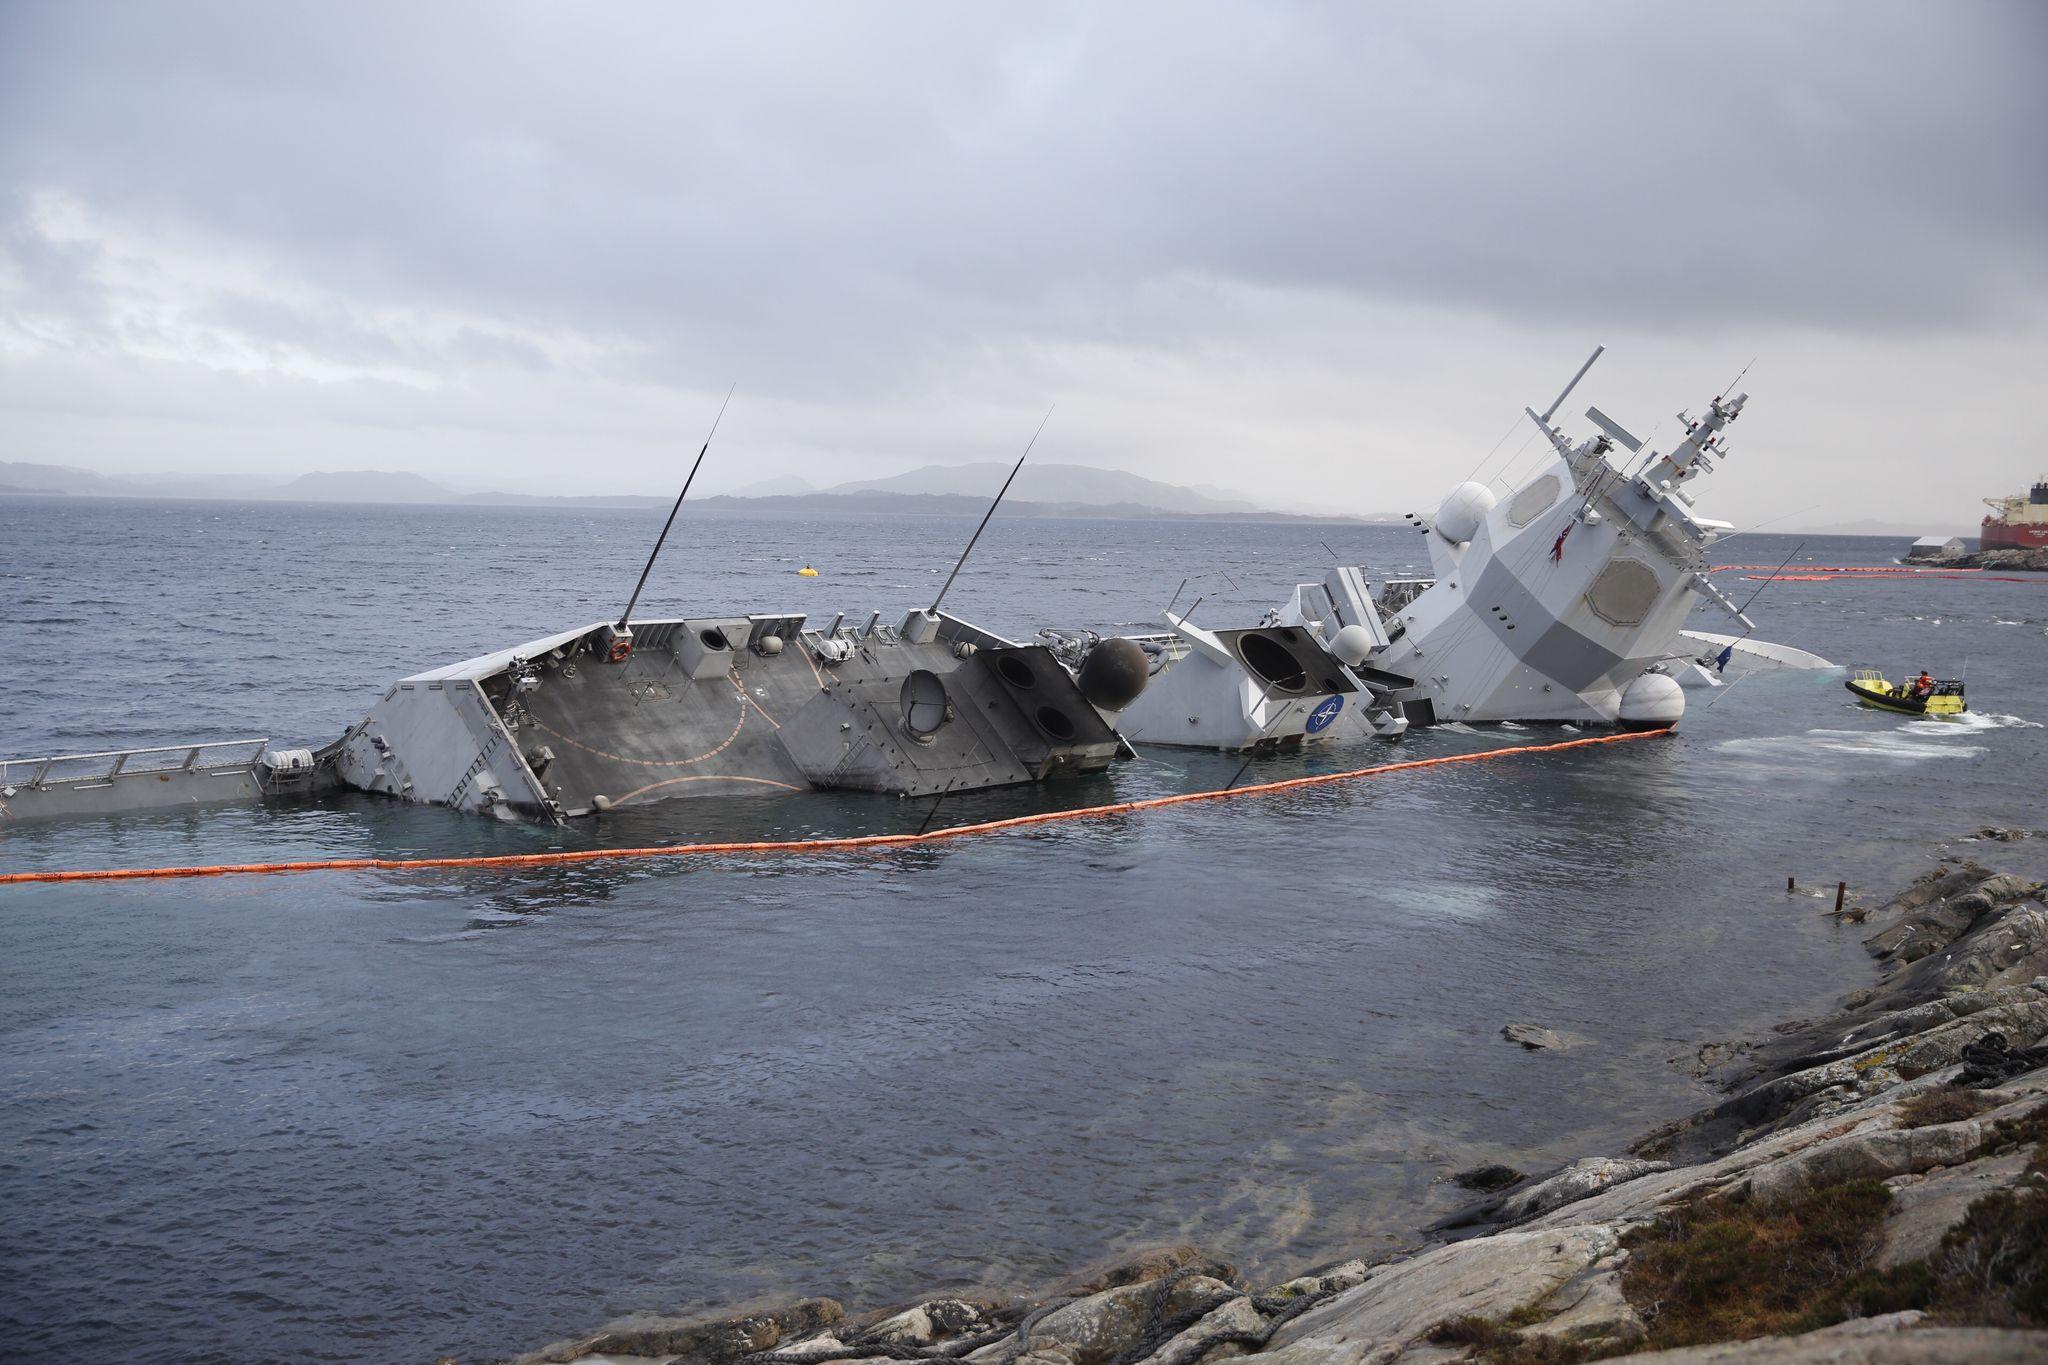 при заказе тонет американский корабль фото кабинки различаются